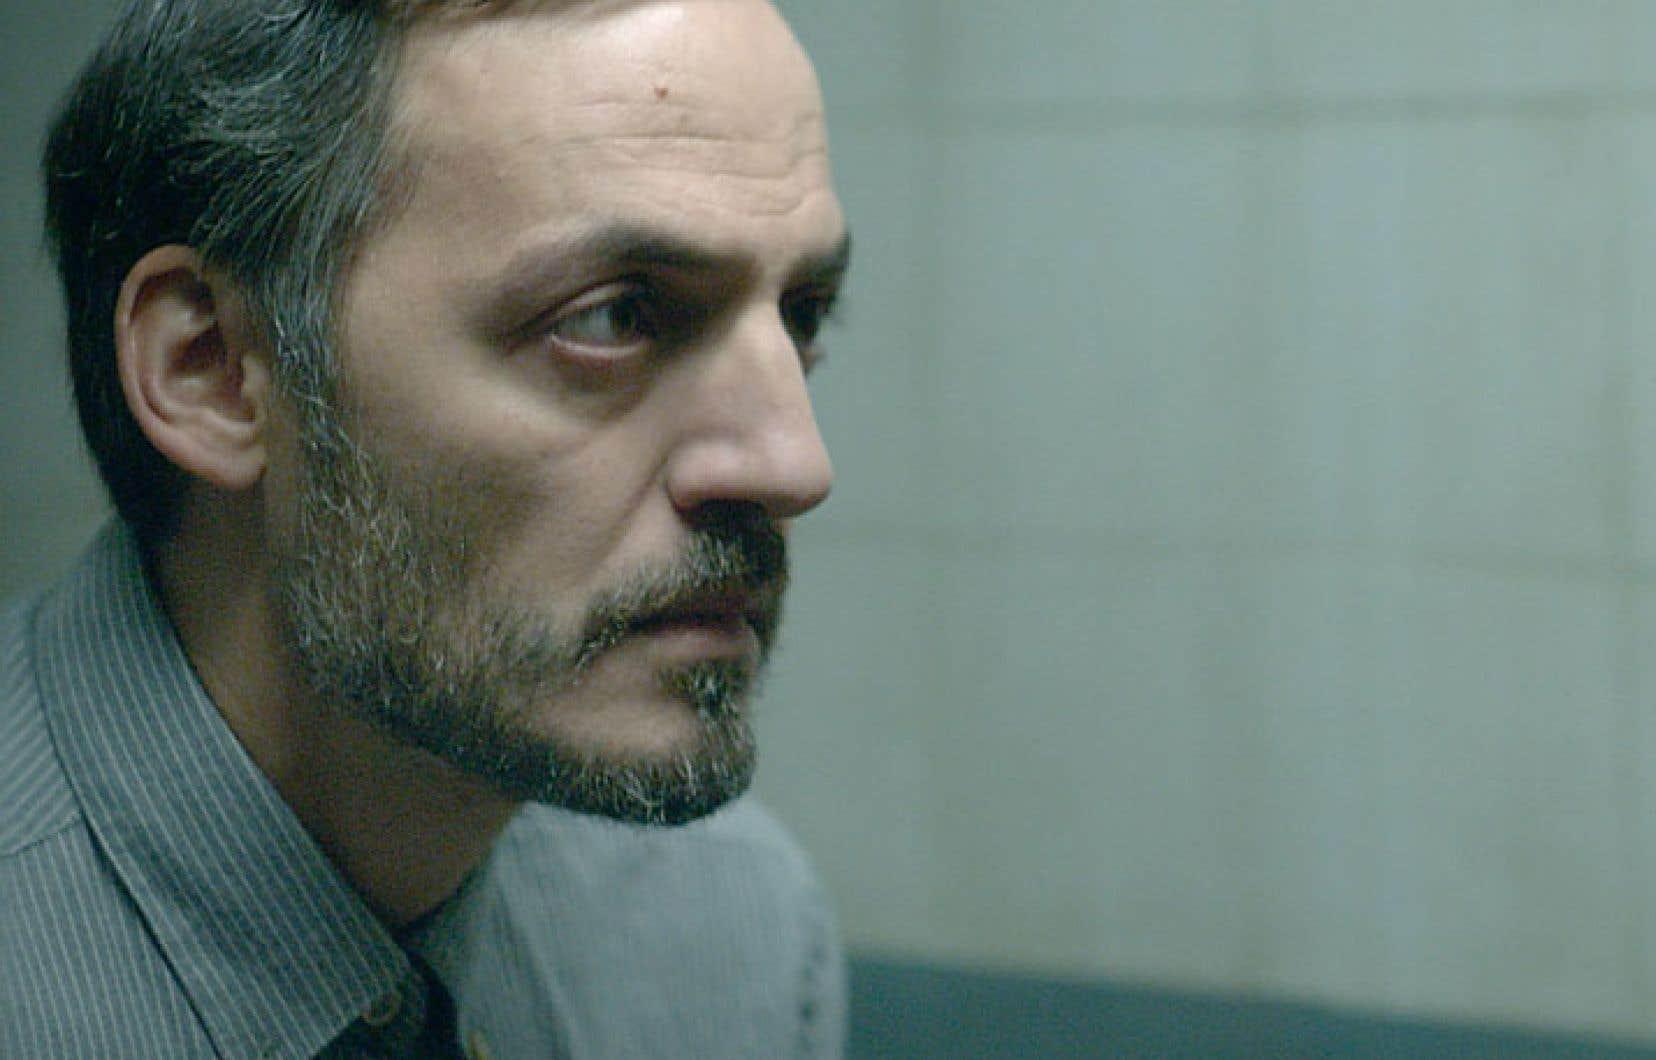 La surprise cède peu à peu la place au soupçon, car David (Fabrizio Rongione), amateur de course à pied, change de statut: de témoin, il devient le principal suspect, mais prêt à tout pour défendre son innocence.